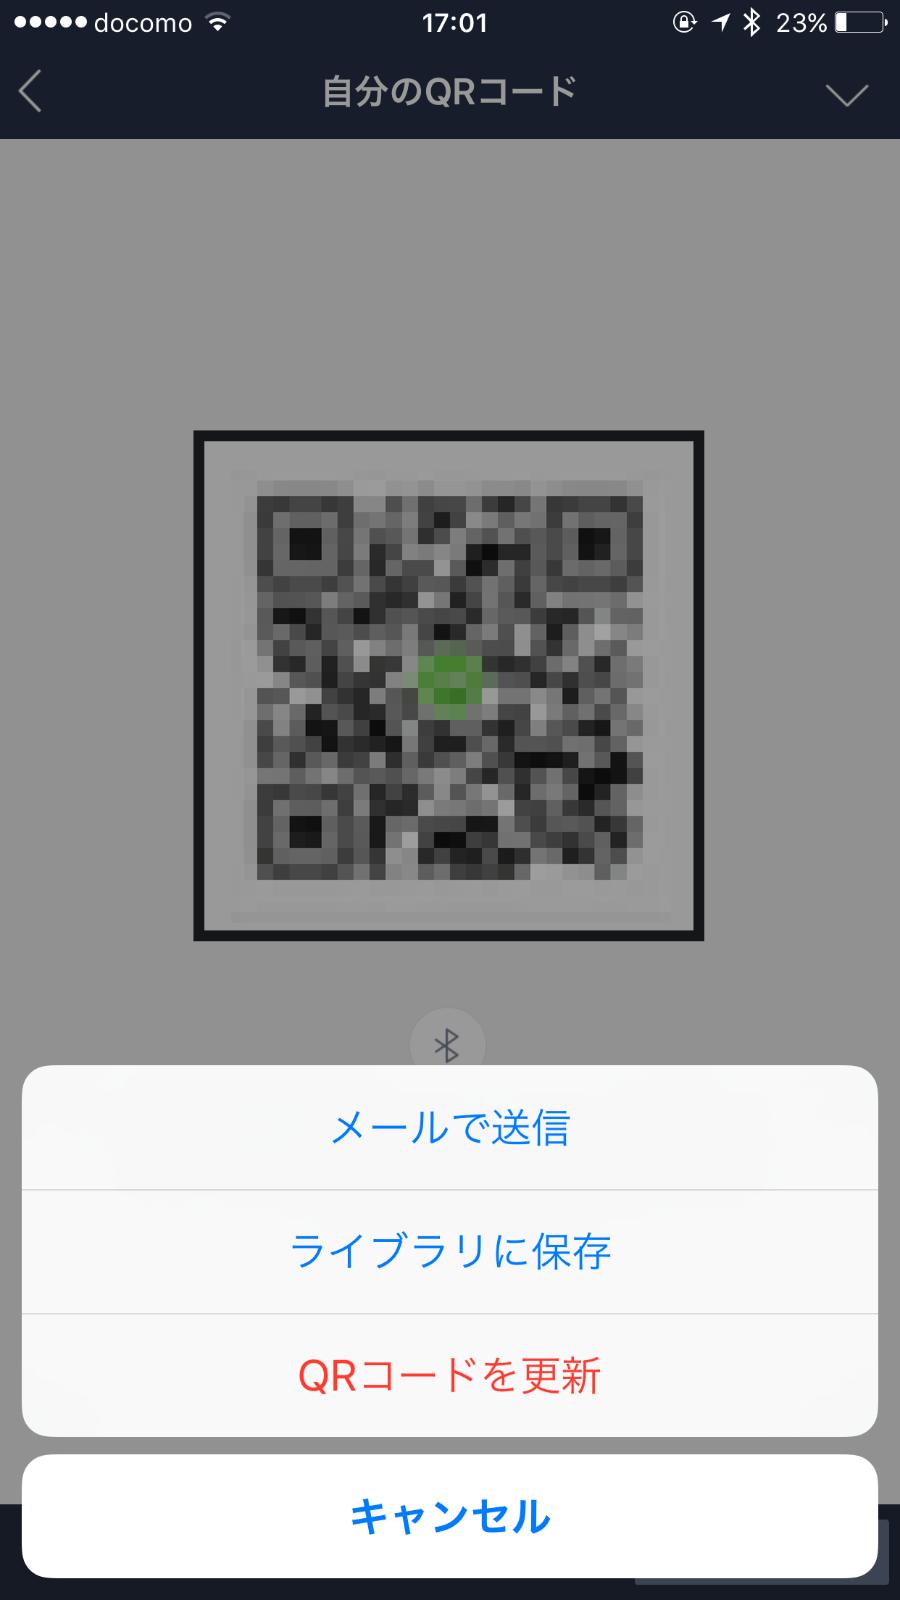 Line qr code 0347